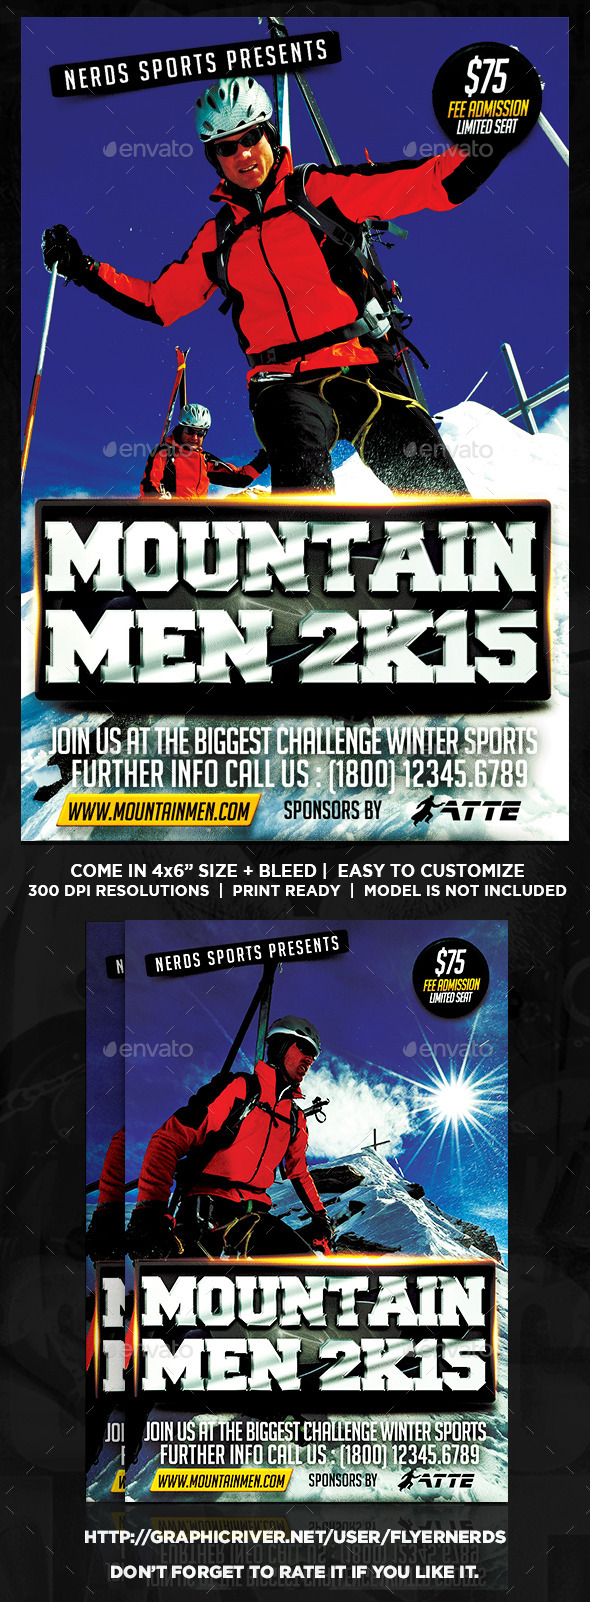 The Mountain Men Extreme Sports Flyer